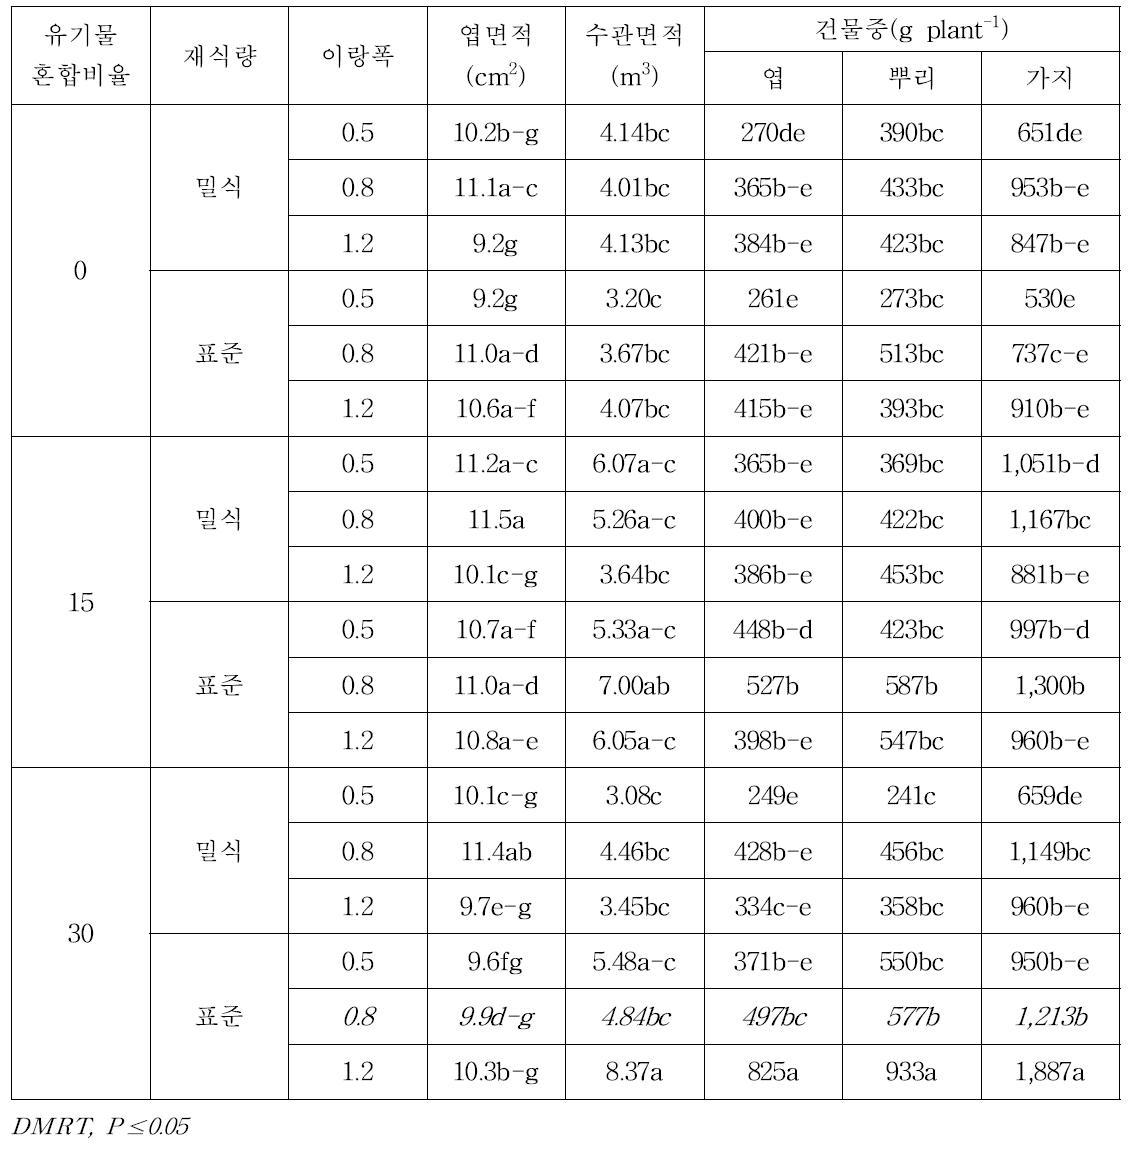 래빗아이 블루베리 '브라이트웰'의 유기물혼합비율-재식밀도-이랑넓이에 따른 수체생육 비교